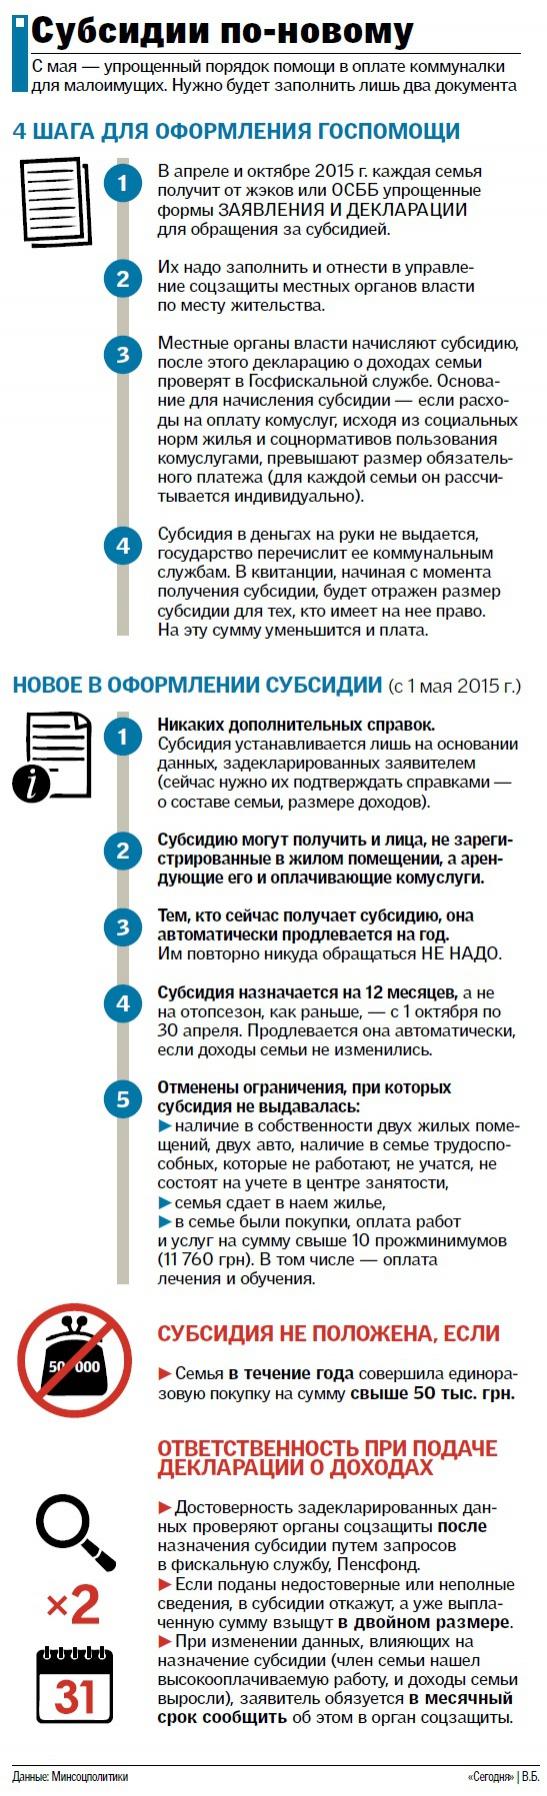 Новая субсидия 2015 Украина